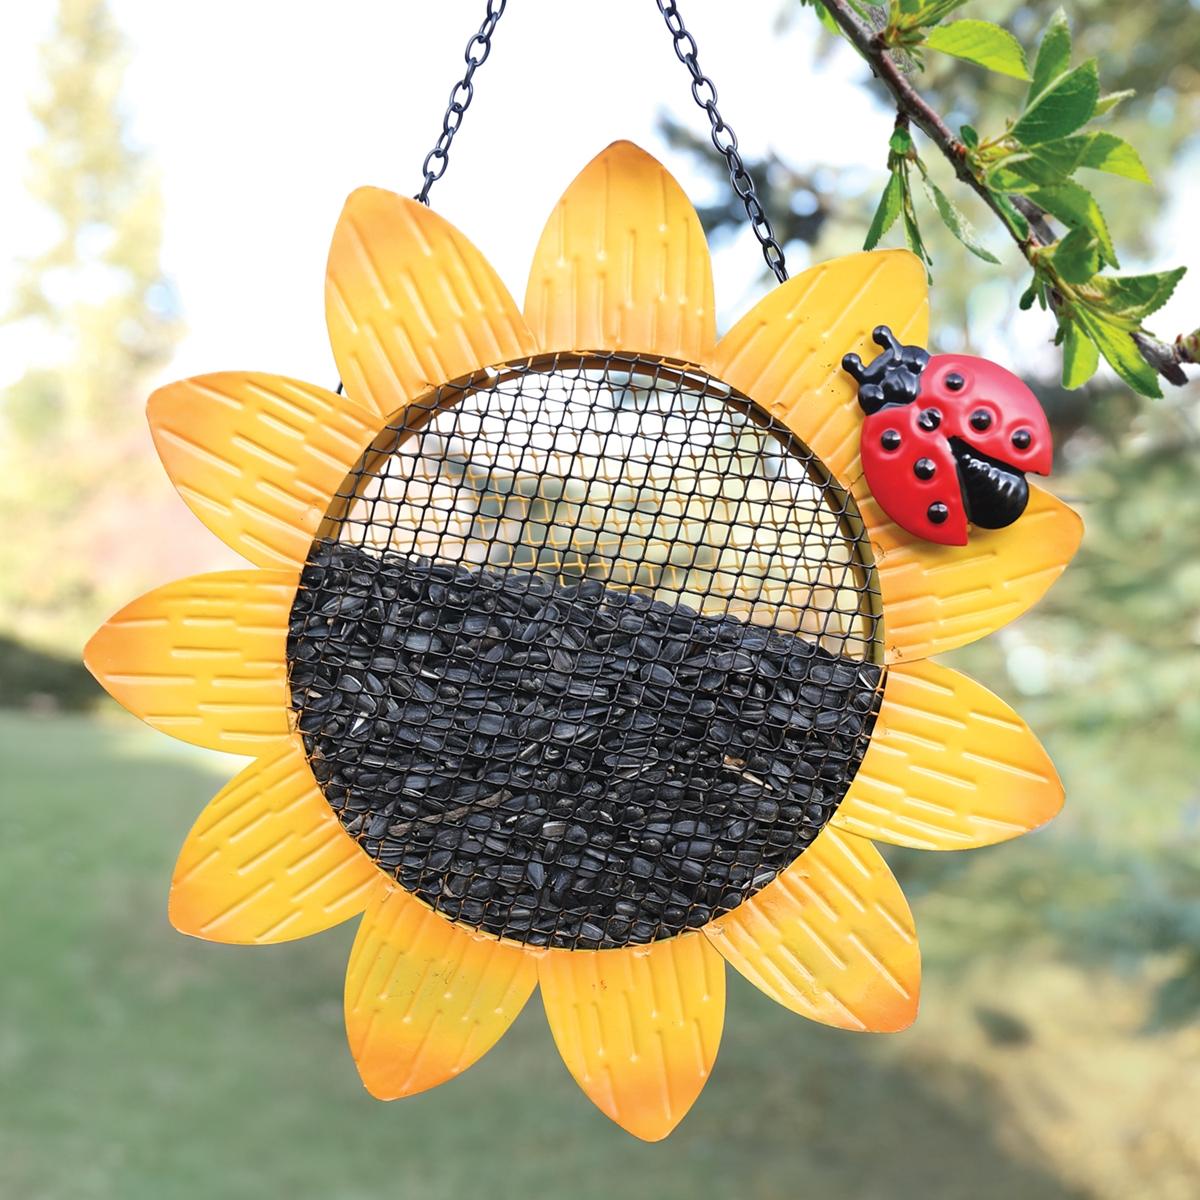 Sunflower Mesh Feeder